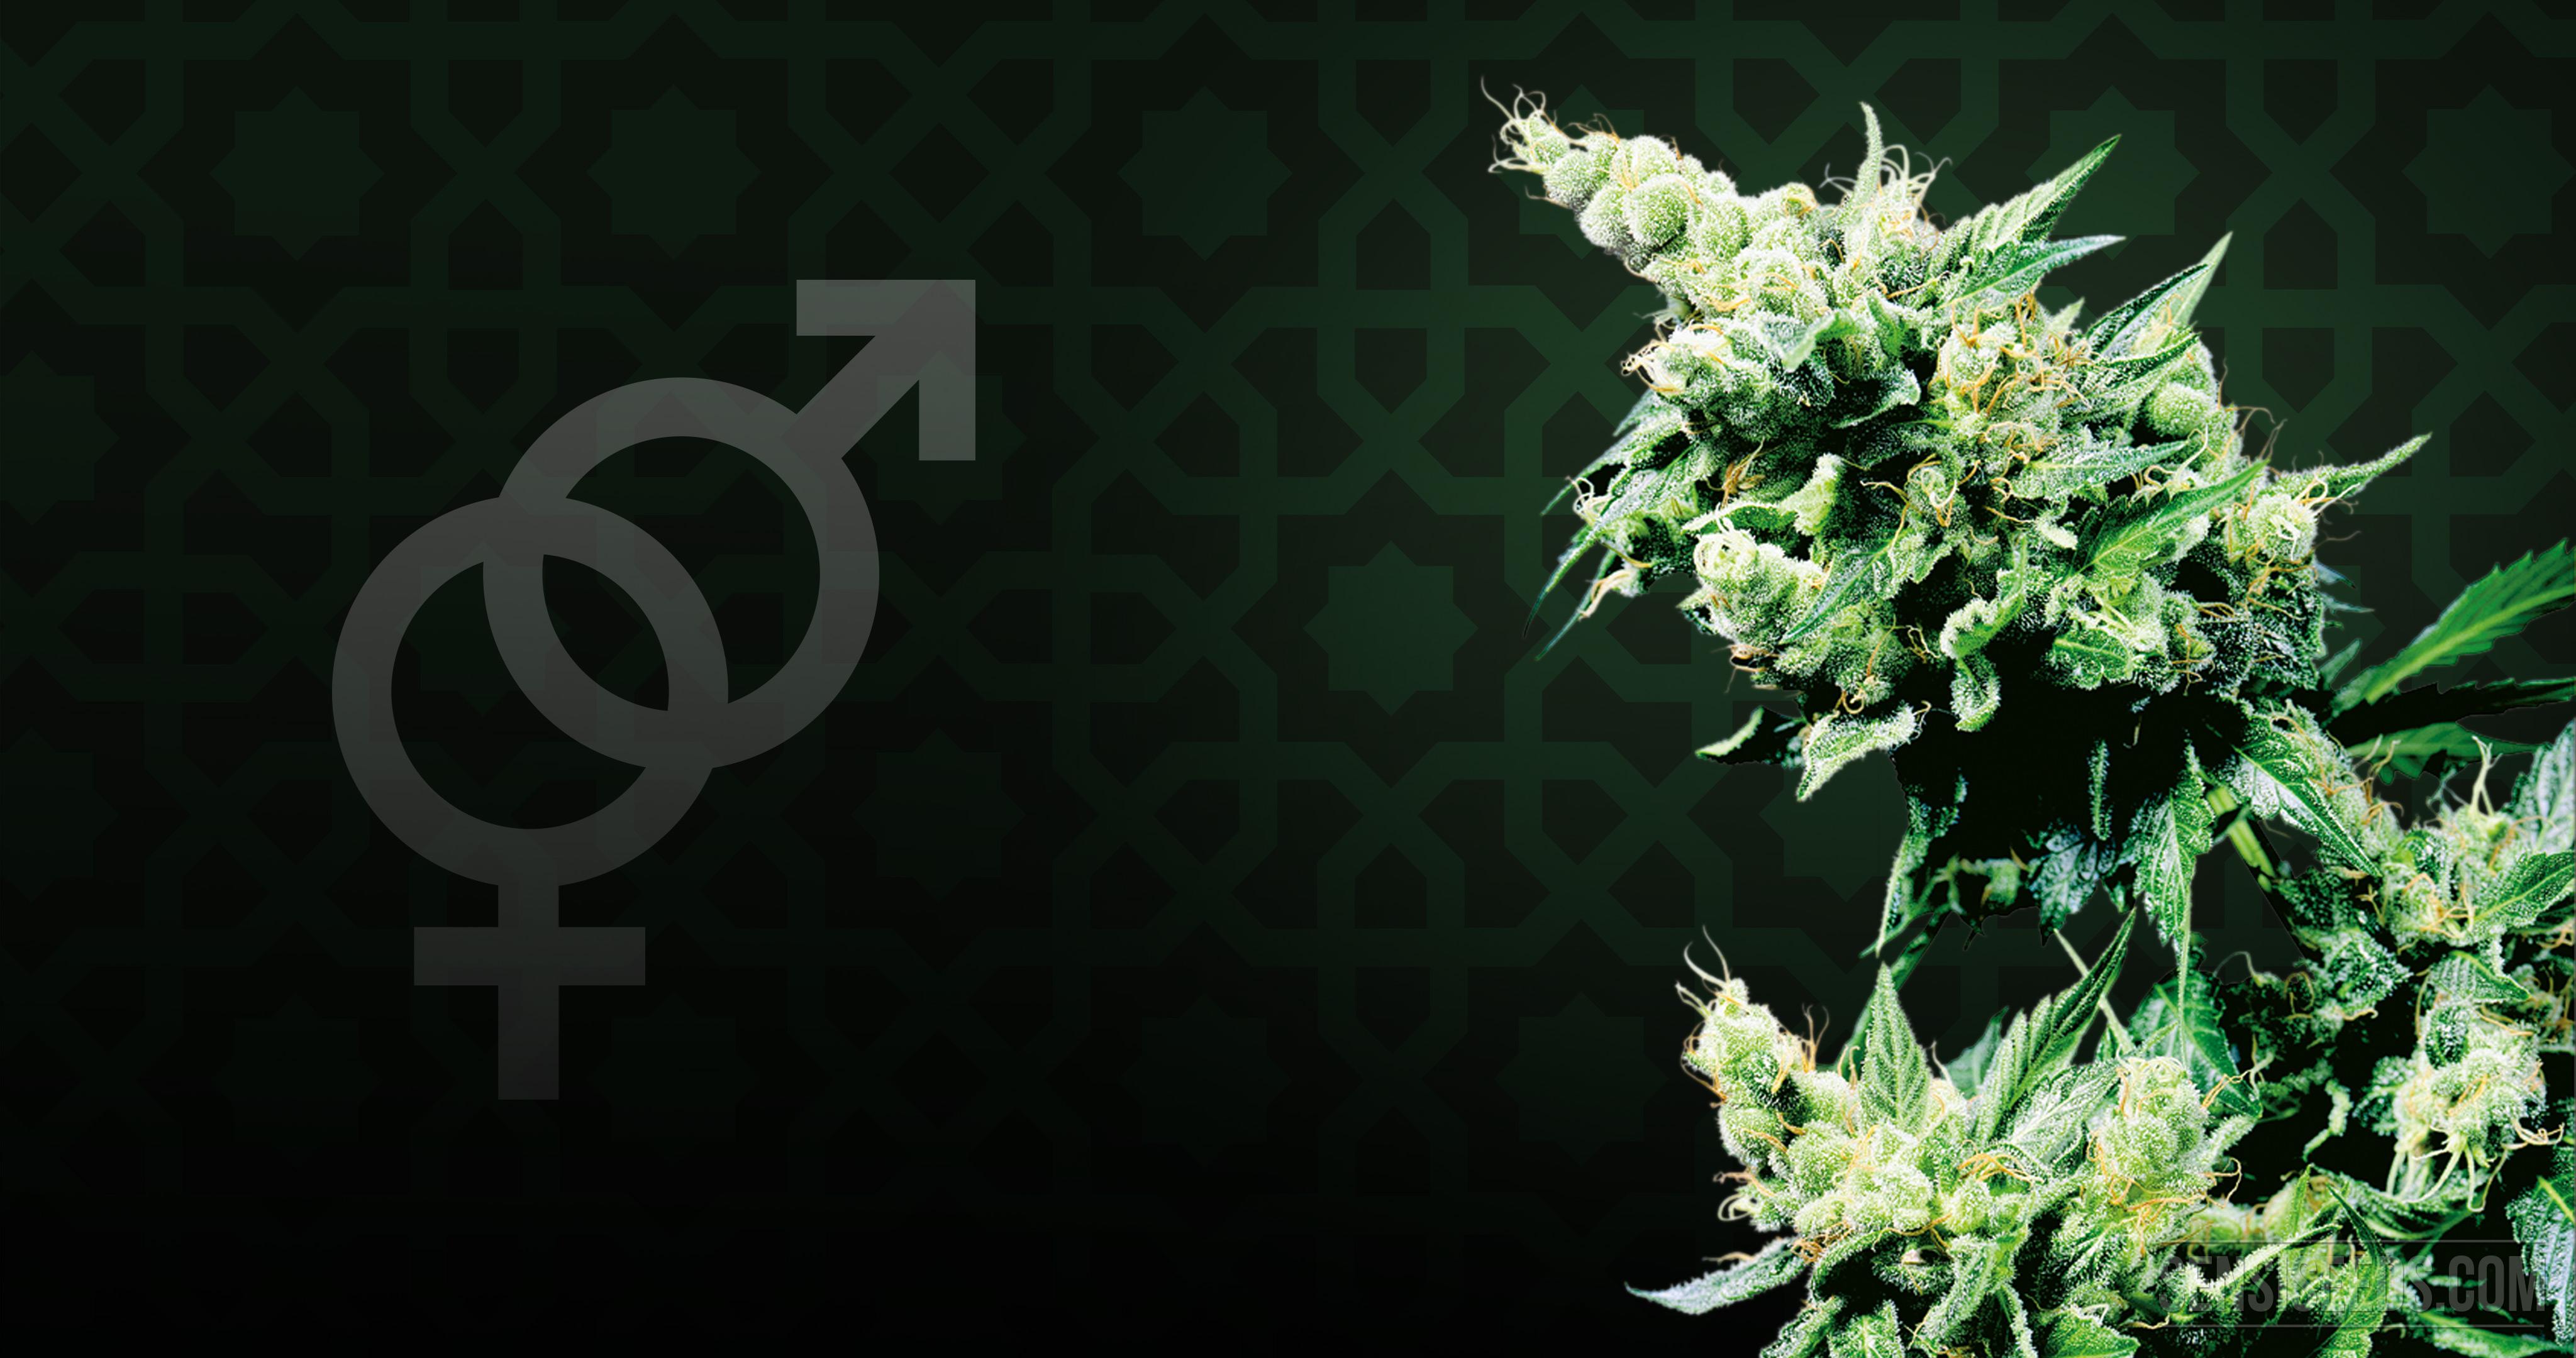 Los símbolos de género y una planta de cannabis.